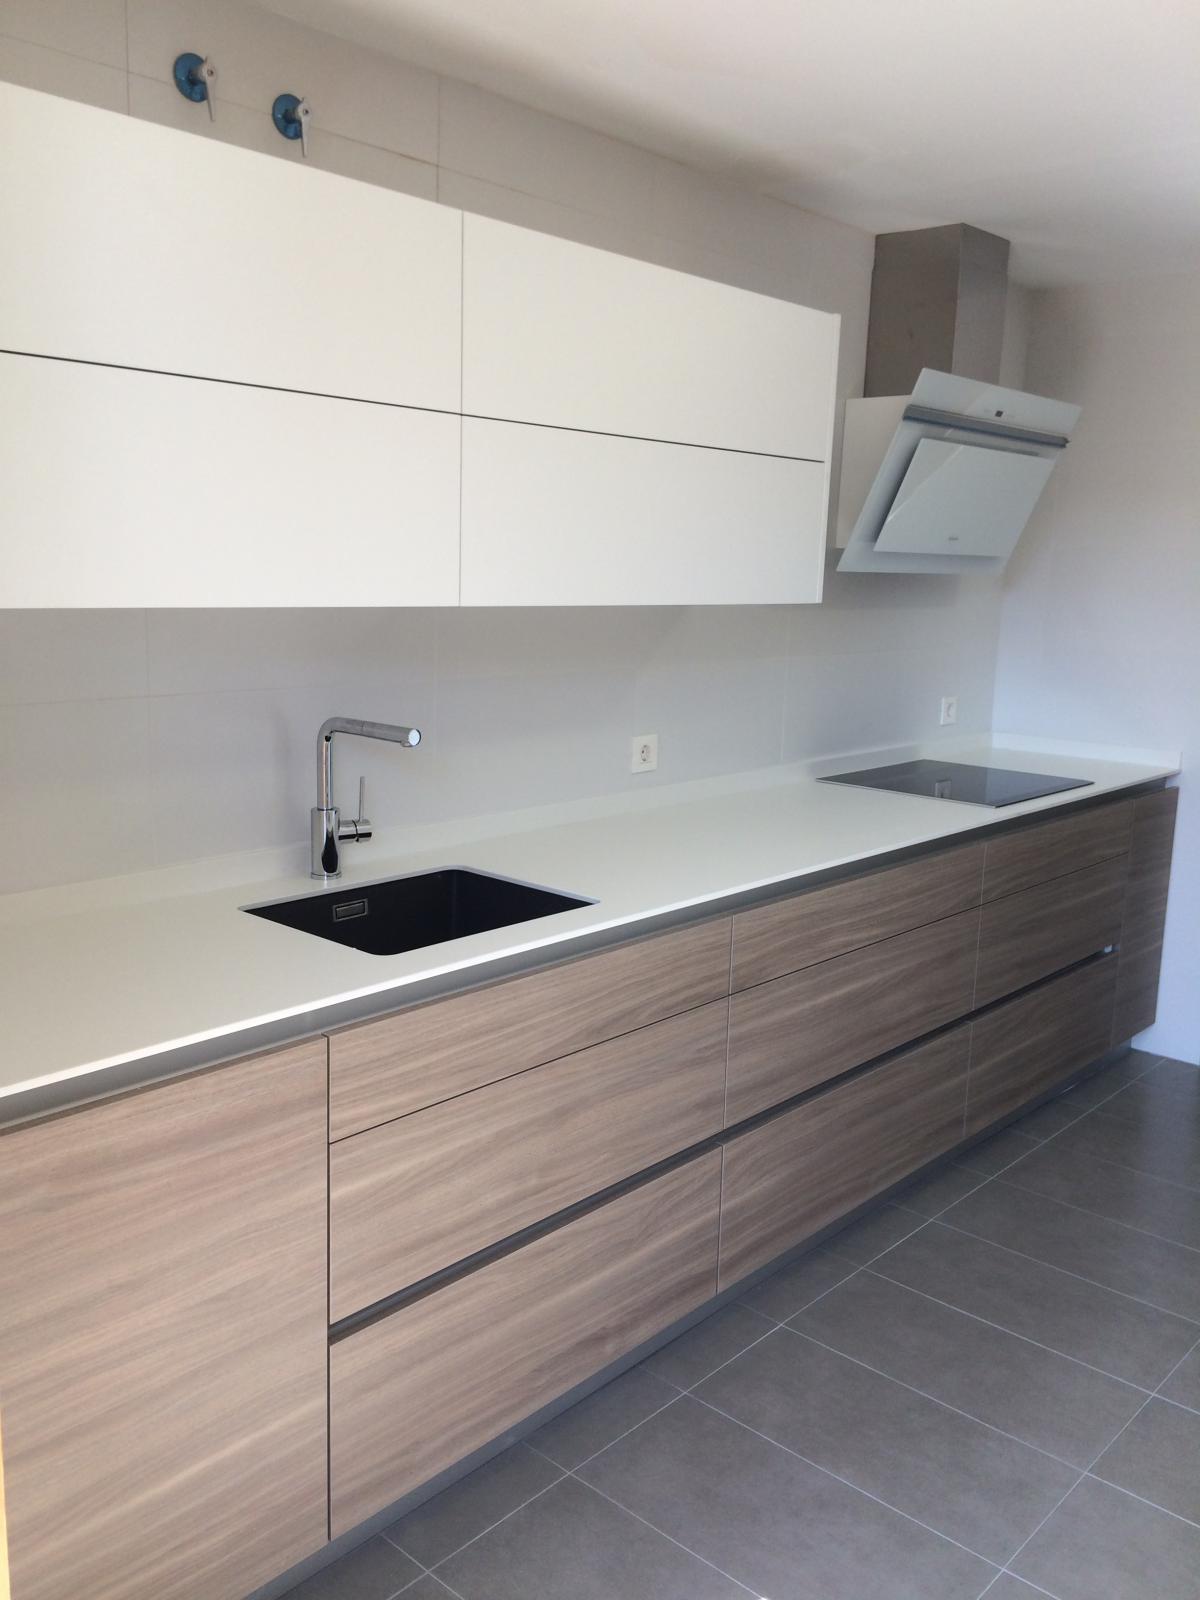 Construcciones Adrian: Vista frontal de una cocina terminada